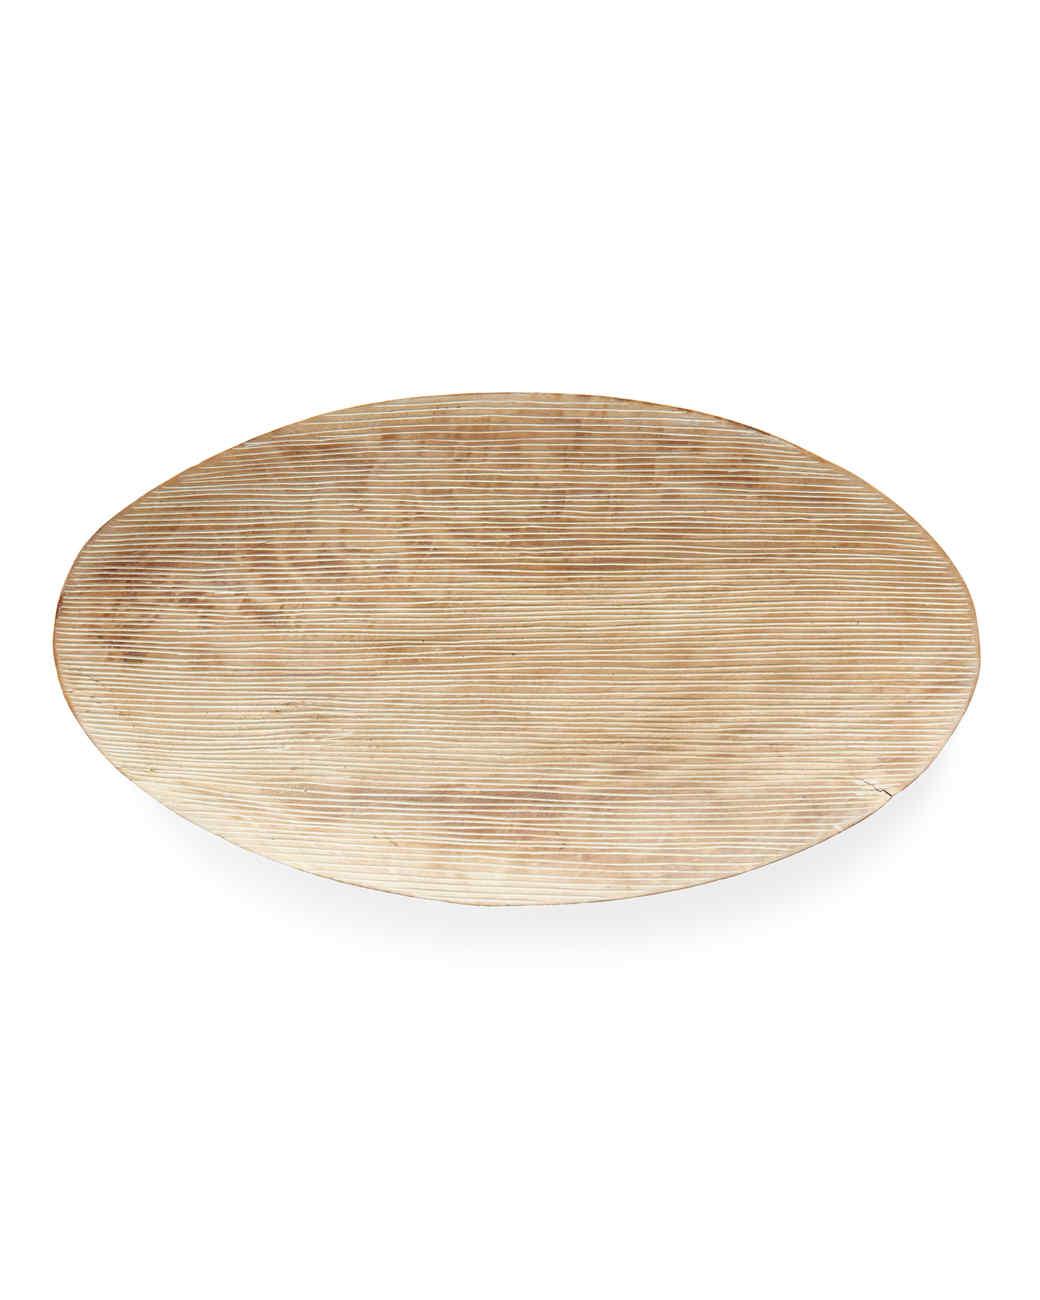 easy-entertaining-platter-md108899.jpg